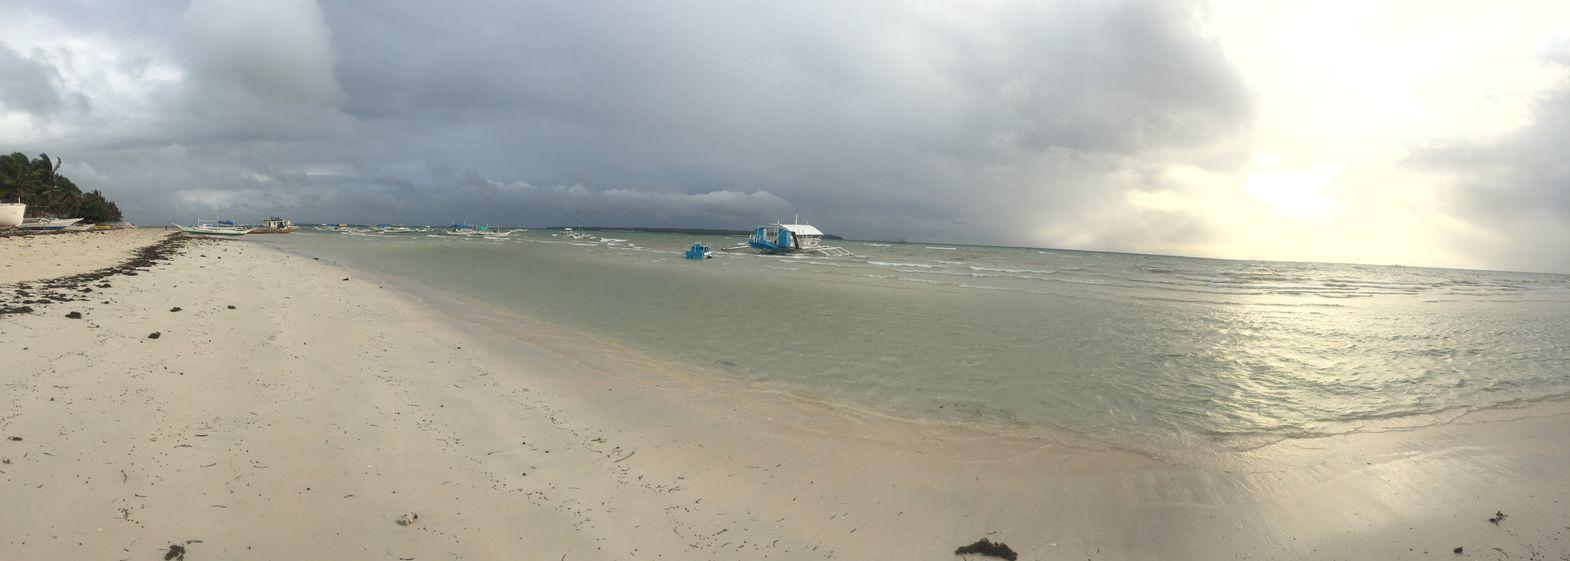 Sta. Fe beach in Bantayan Island